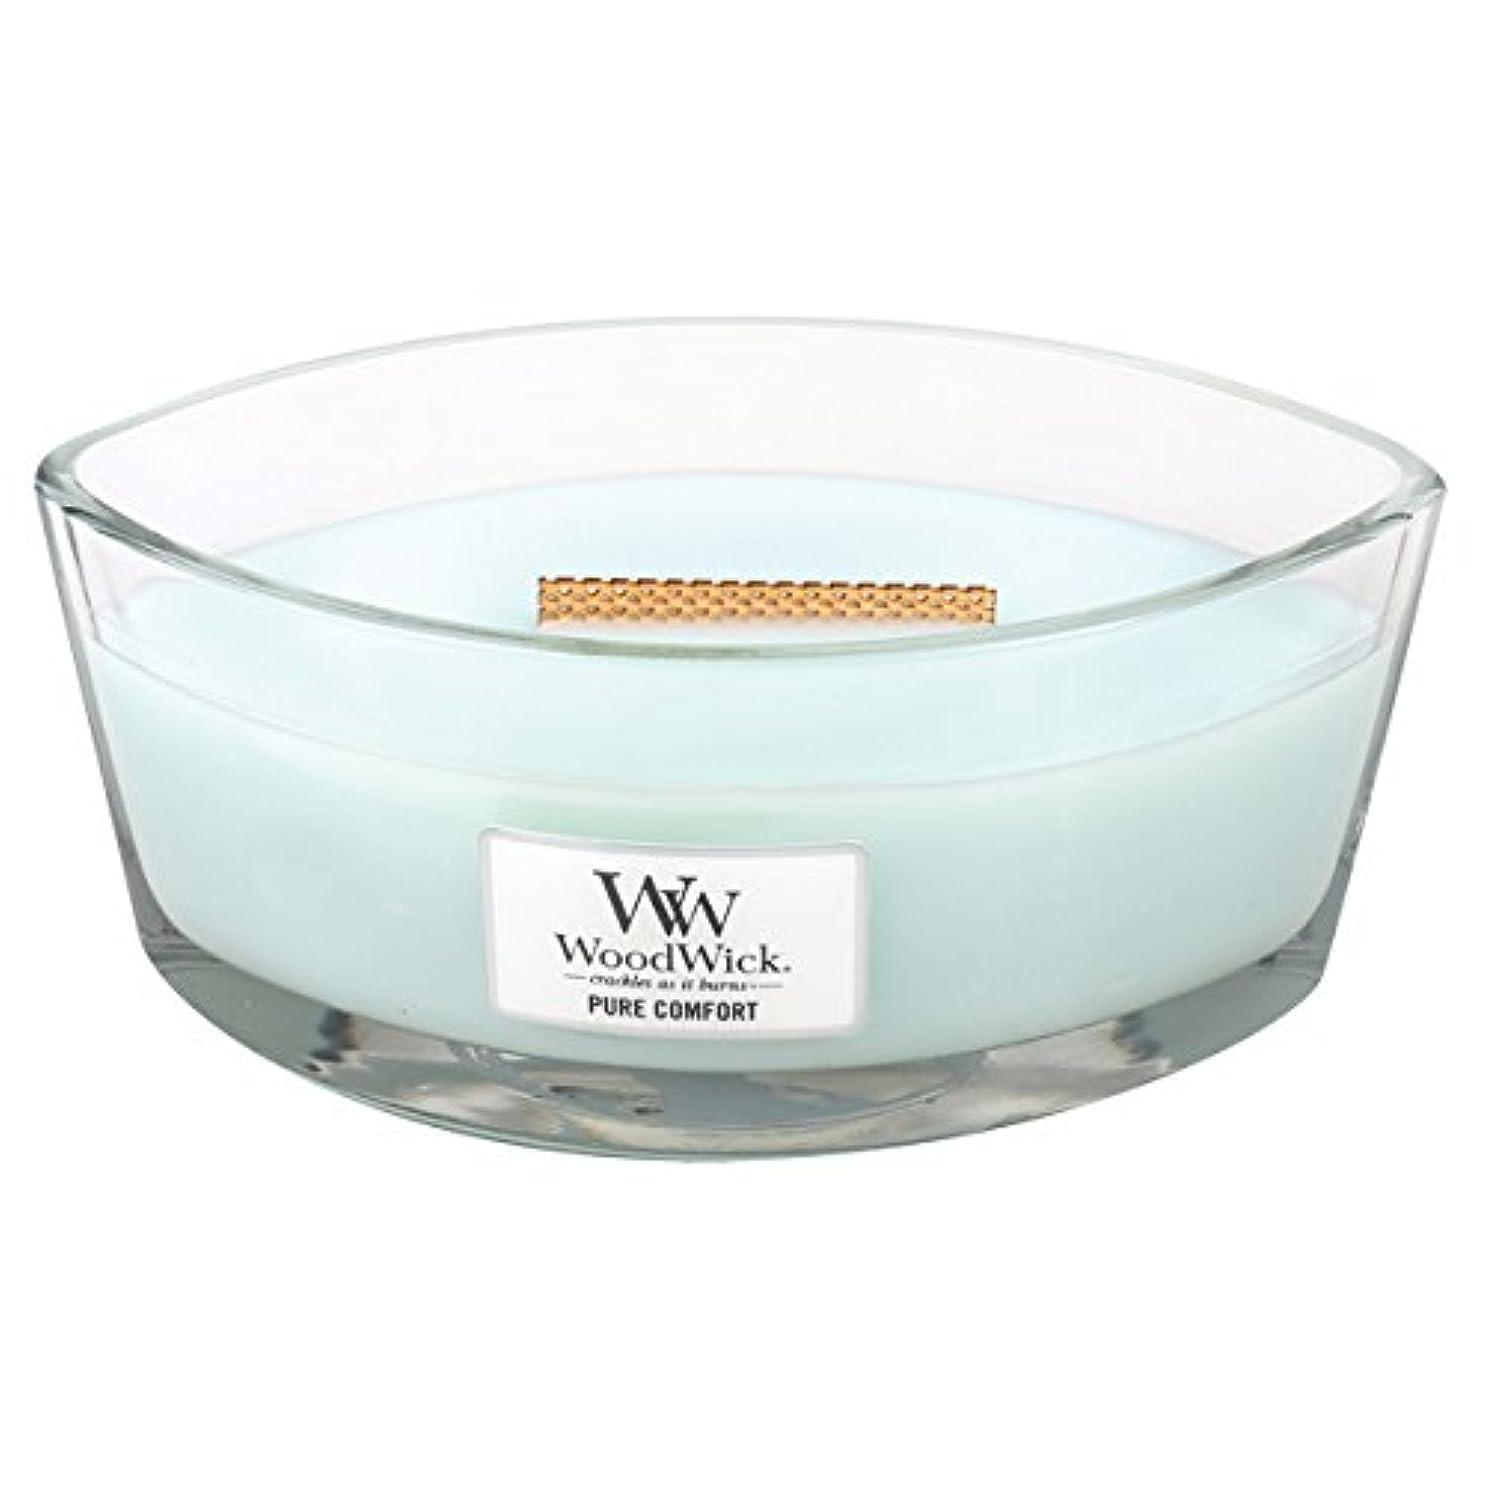 明らかインシュレータ素敵なWood Wick ハースウィックL 「 ピュアコンフォート 」 キャンドル W940053027